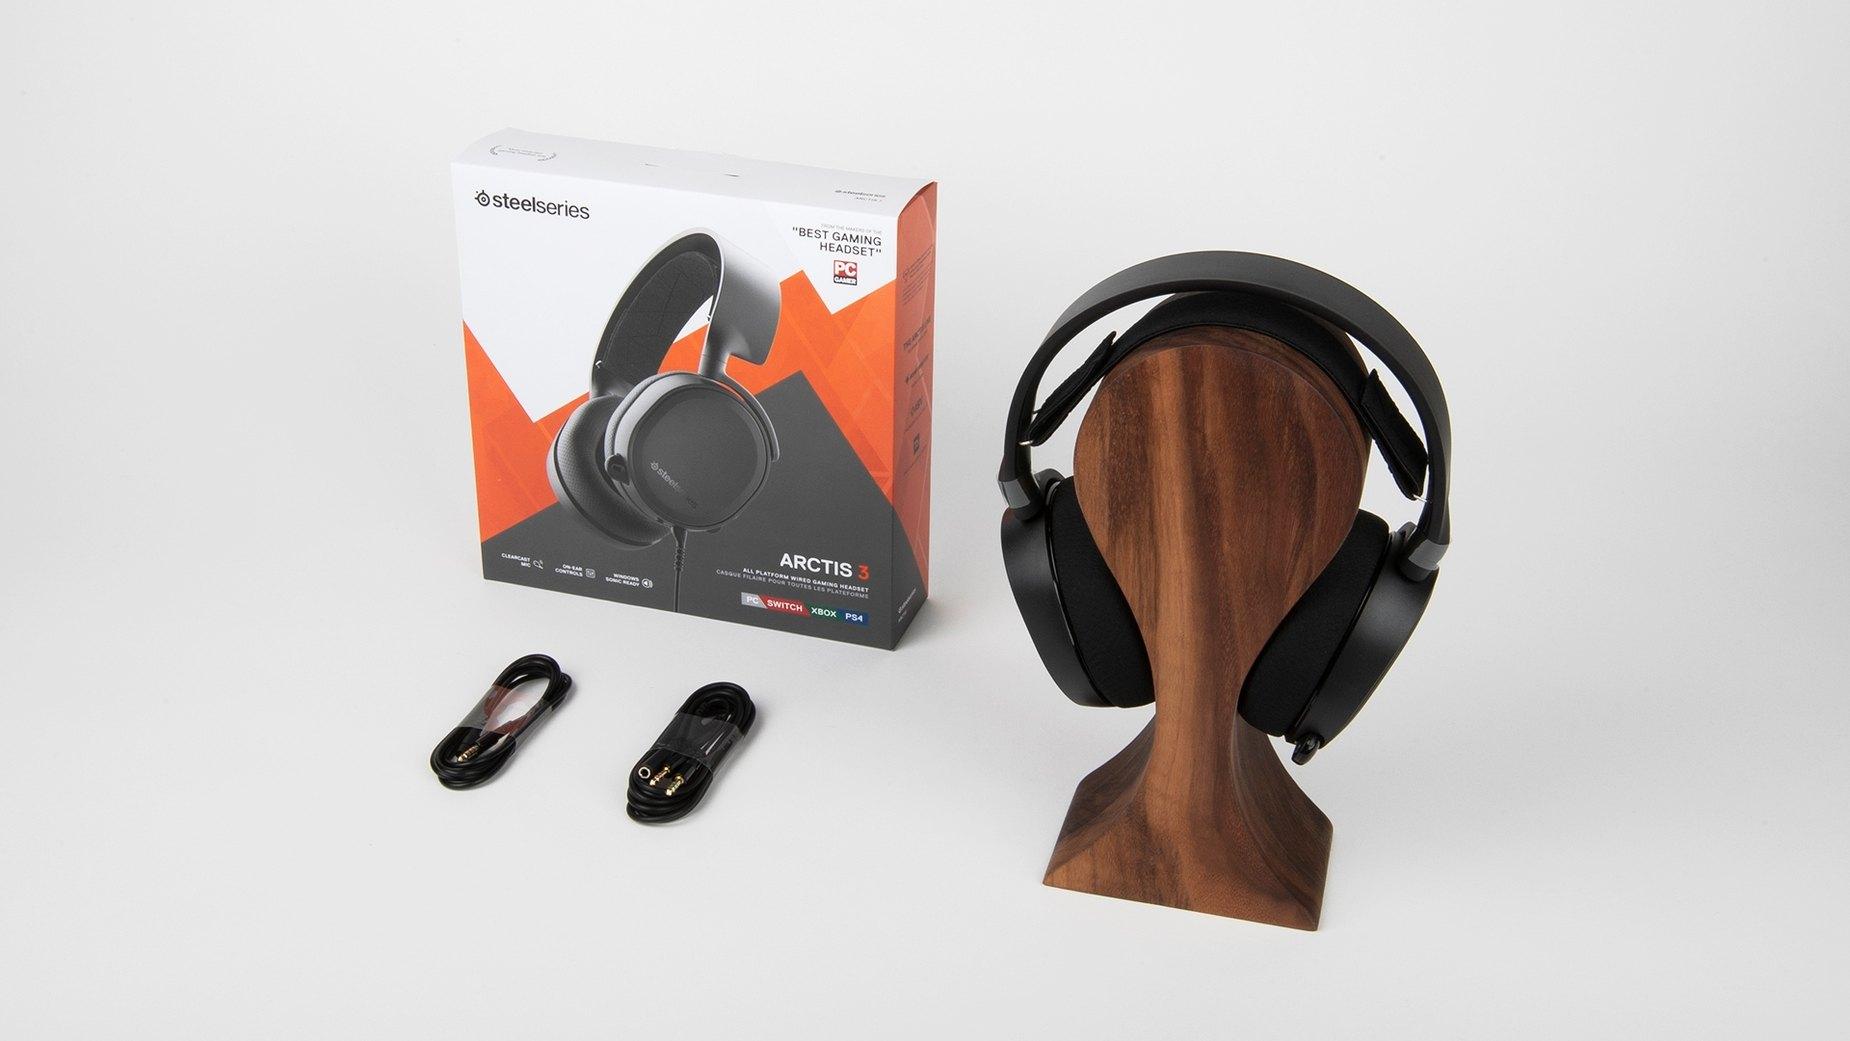 Arctis 3 耳機整盒包裝-黑色遊戲耳機